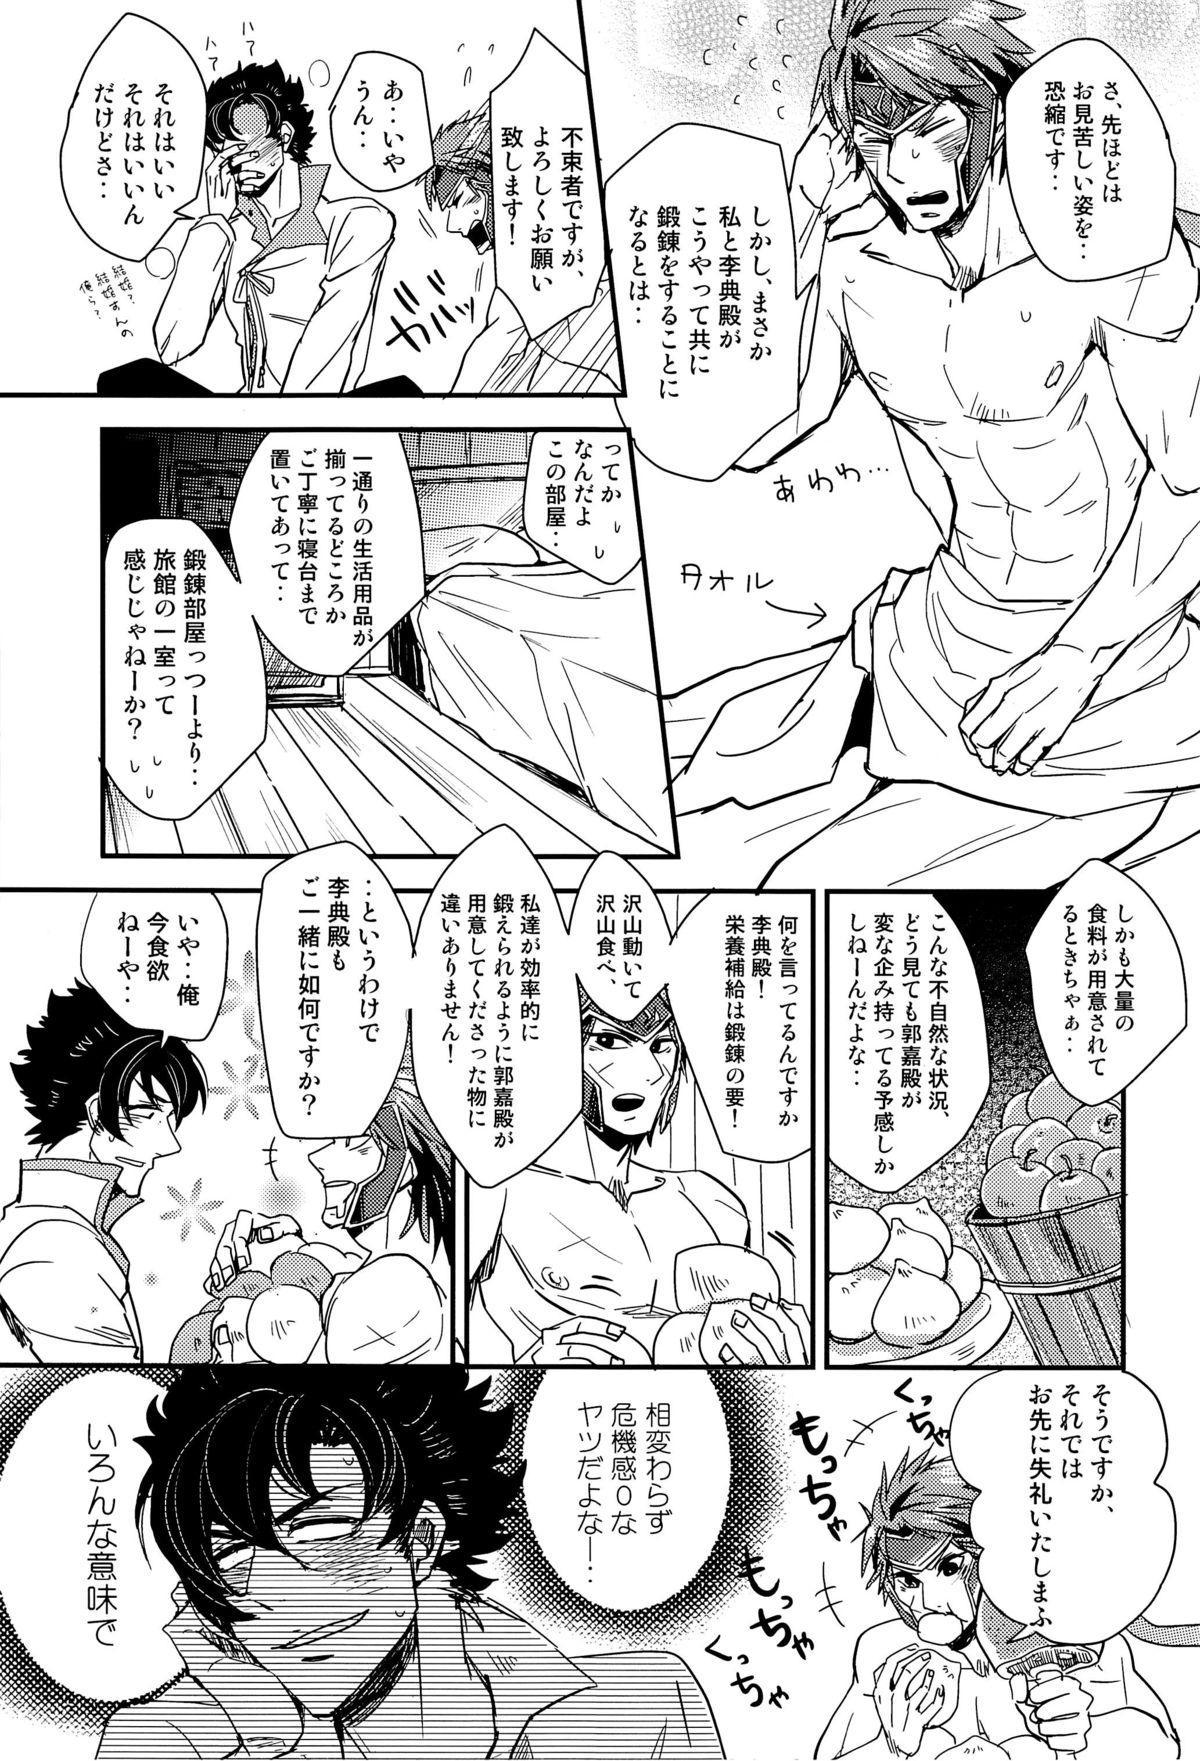 Kore dakara Omaetachi wa! 6